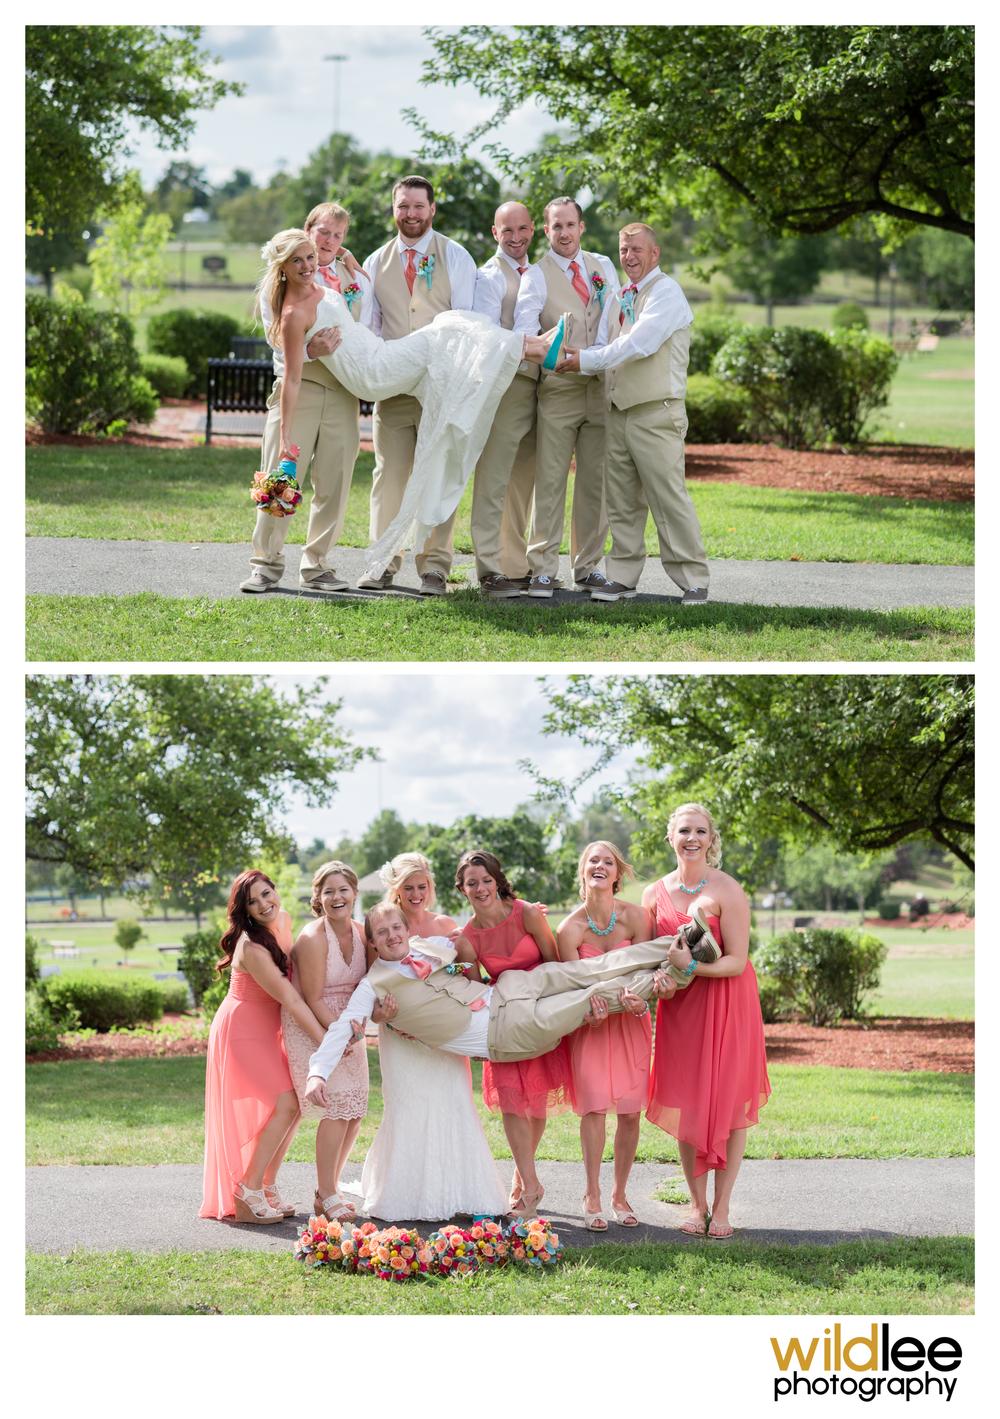 Weddingparty5.jpg